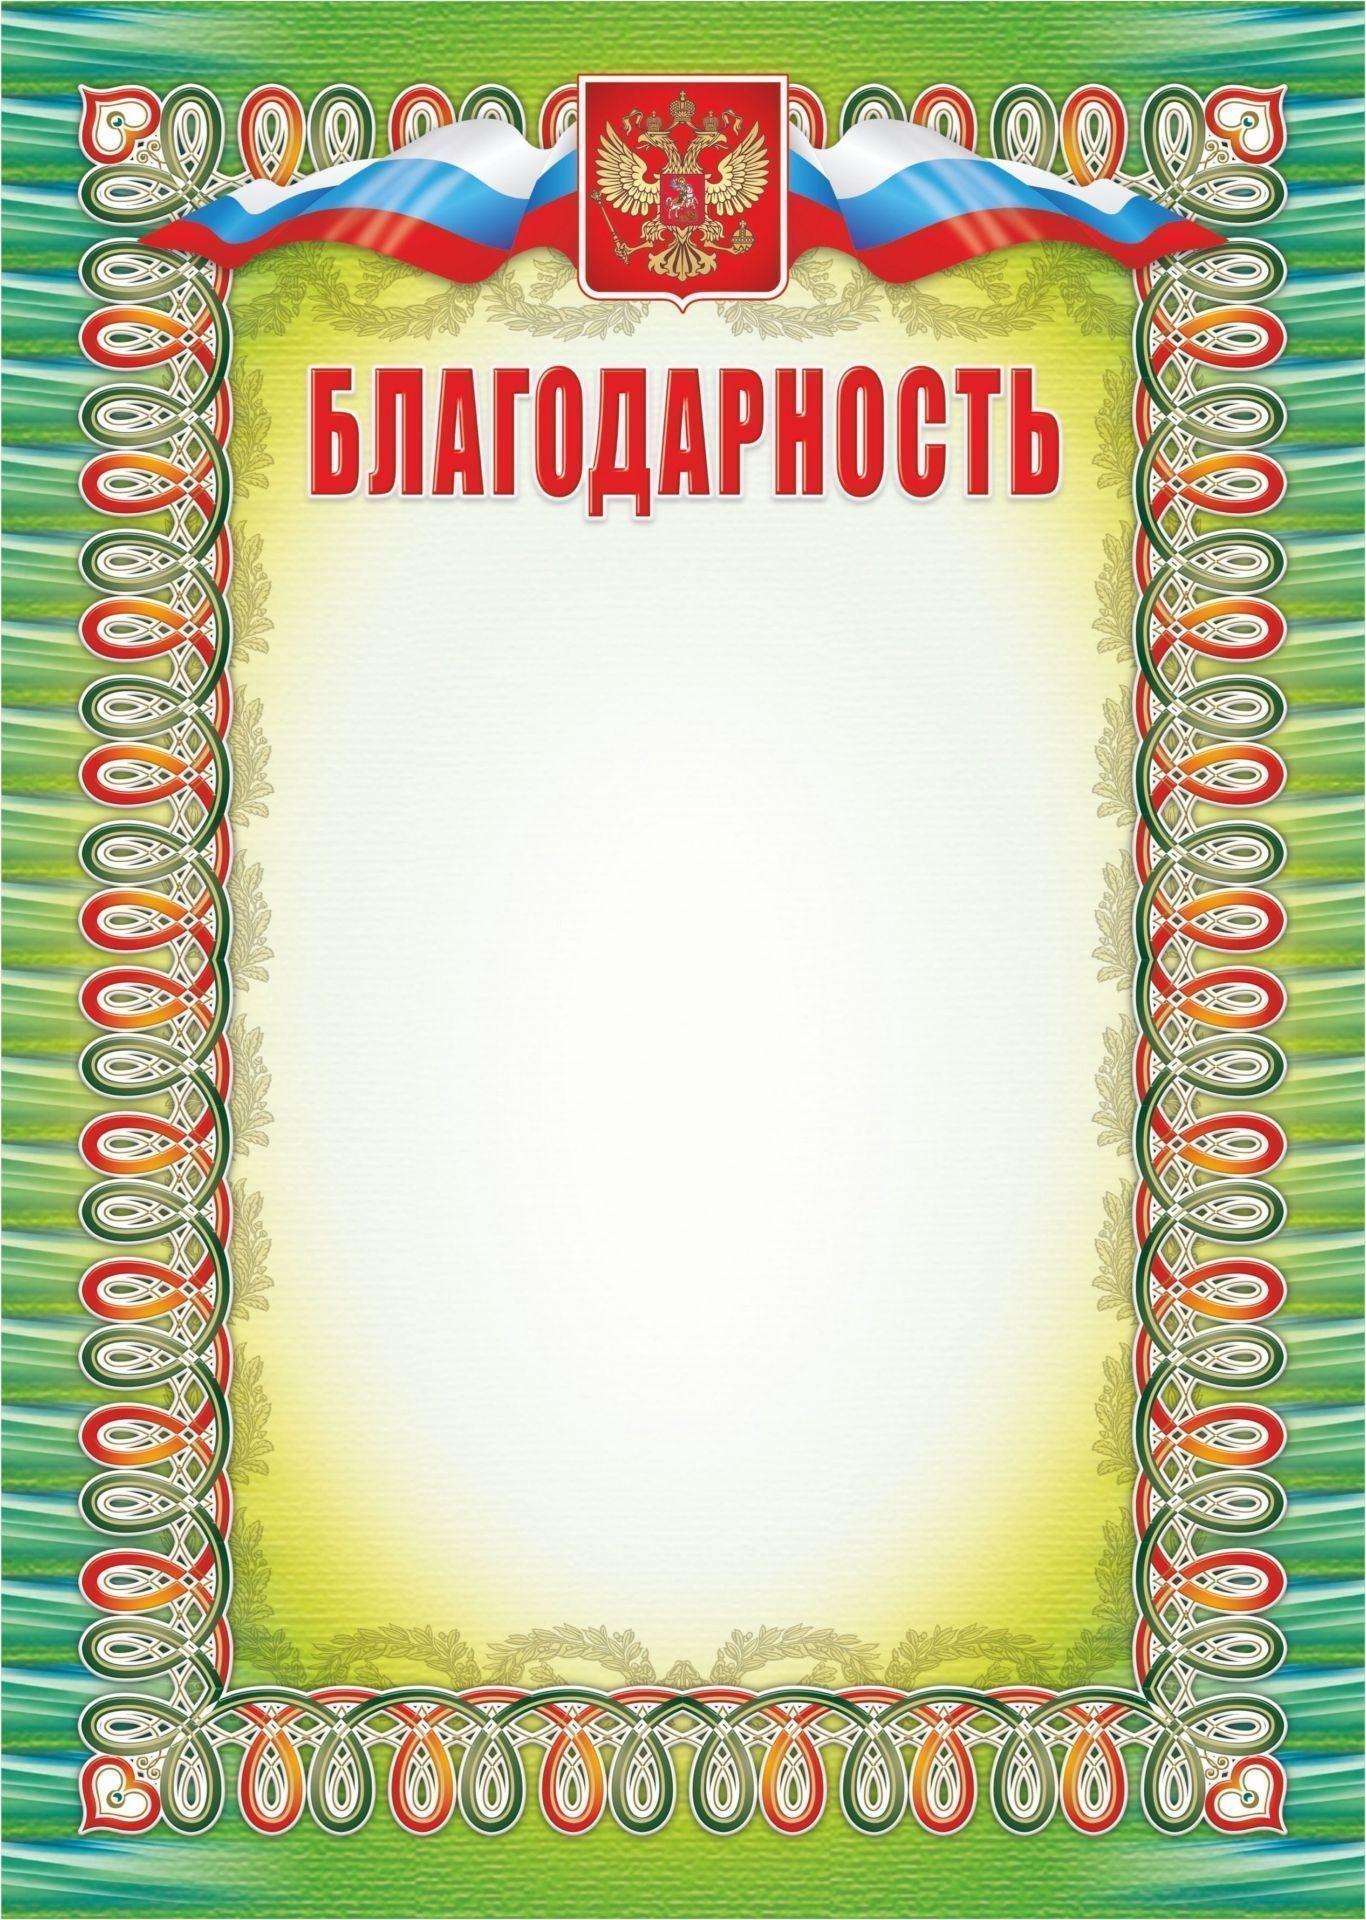 Благодарность (с гербом и флагом)Общего назначения<br>Материалы:на обложку - бумага мелованная, пл. 250.00.<br><br>Год: 2017<br>Высота: 297<br>Ширина: 210